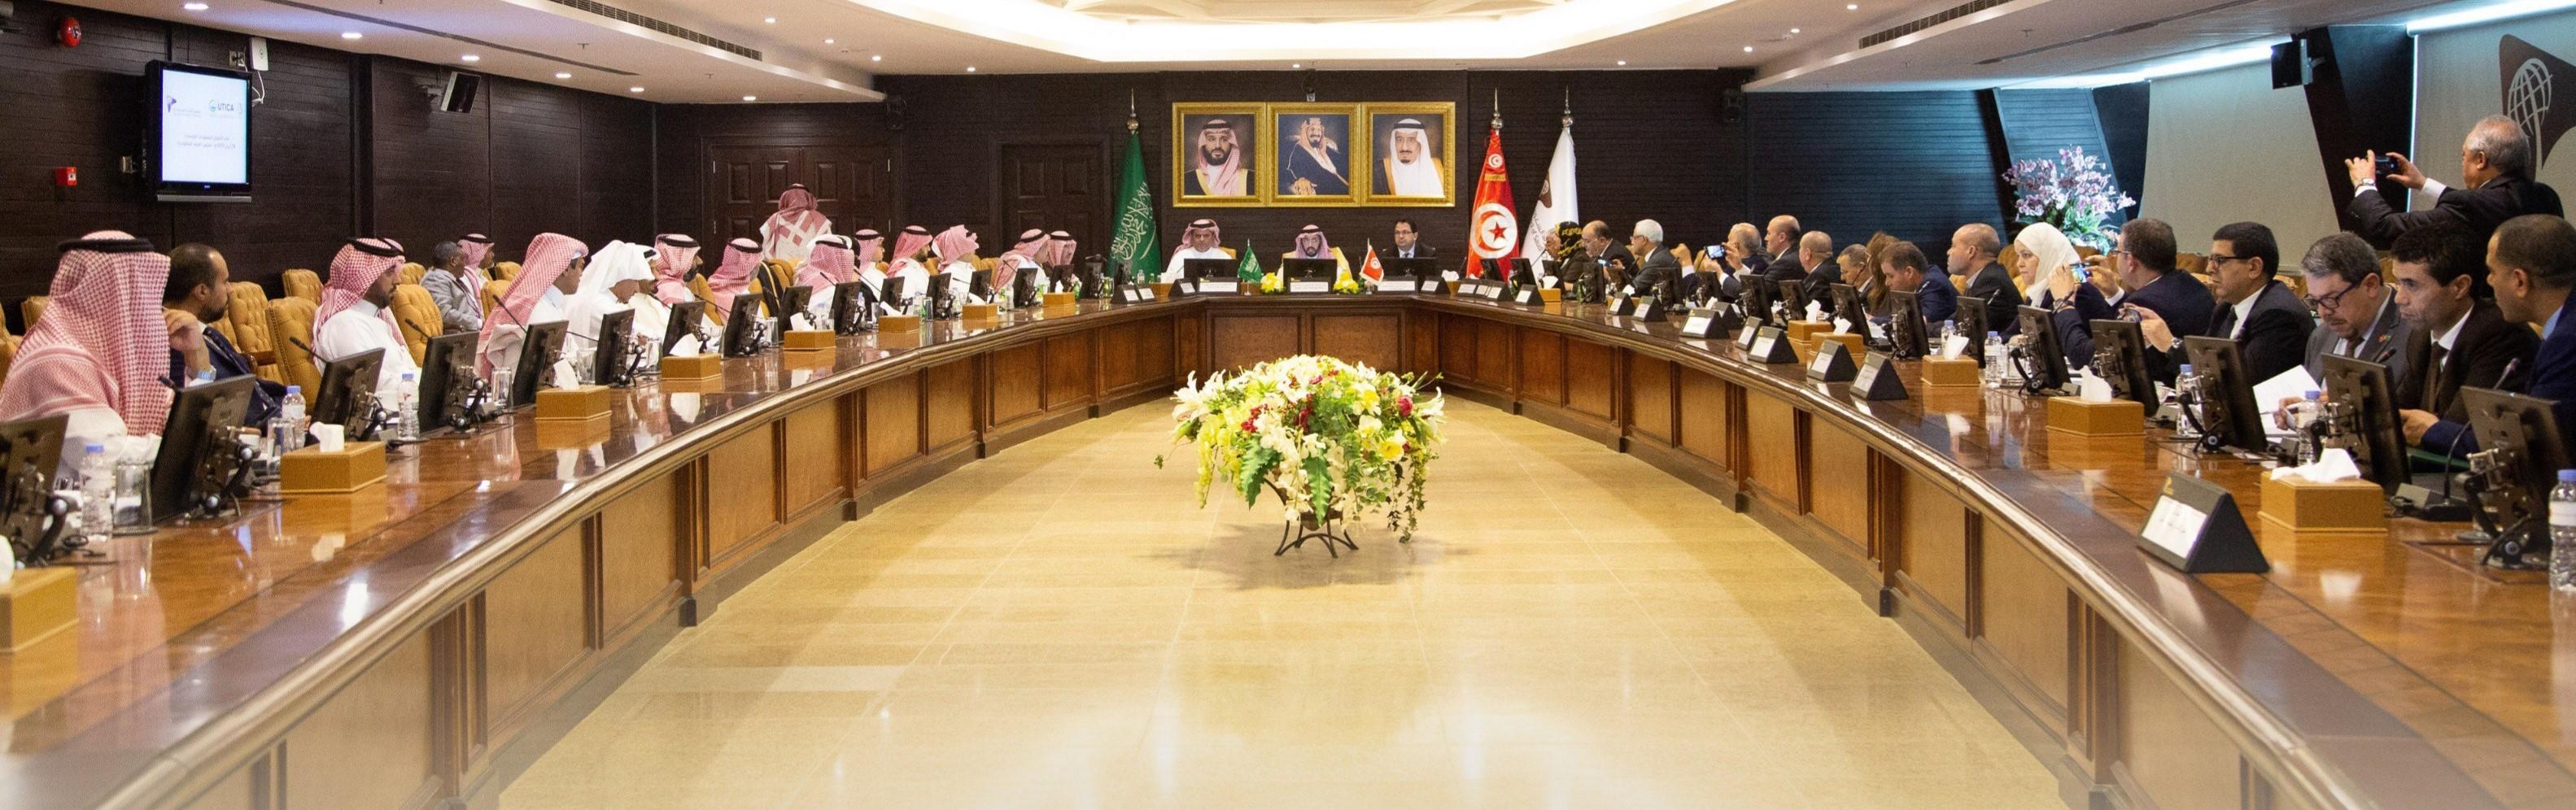 ملتقى الأعمال التونسي السعودي يستعرض الفرص الواعدة لدفع الاستثمار والشراكة: